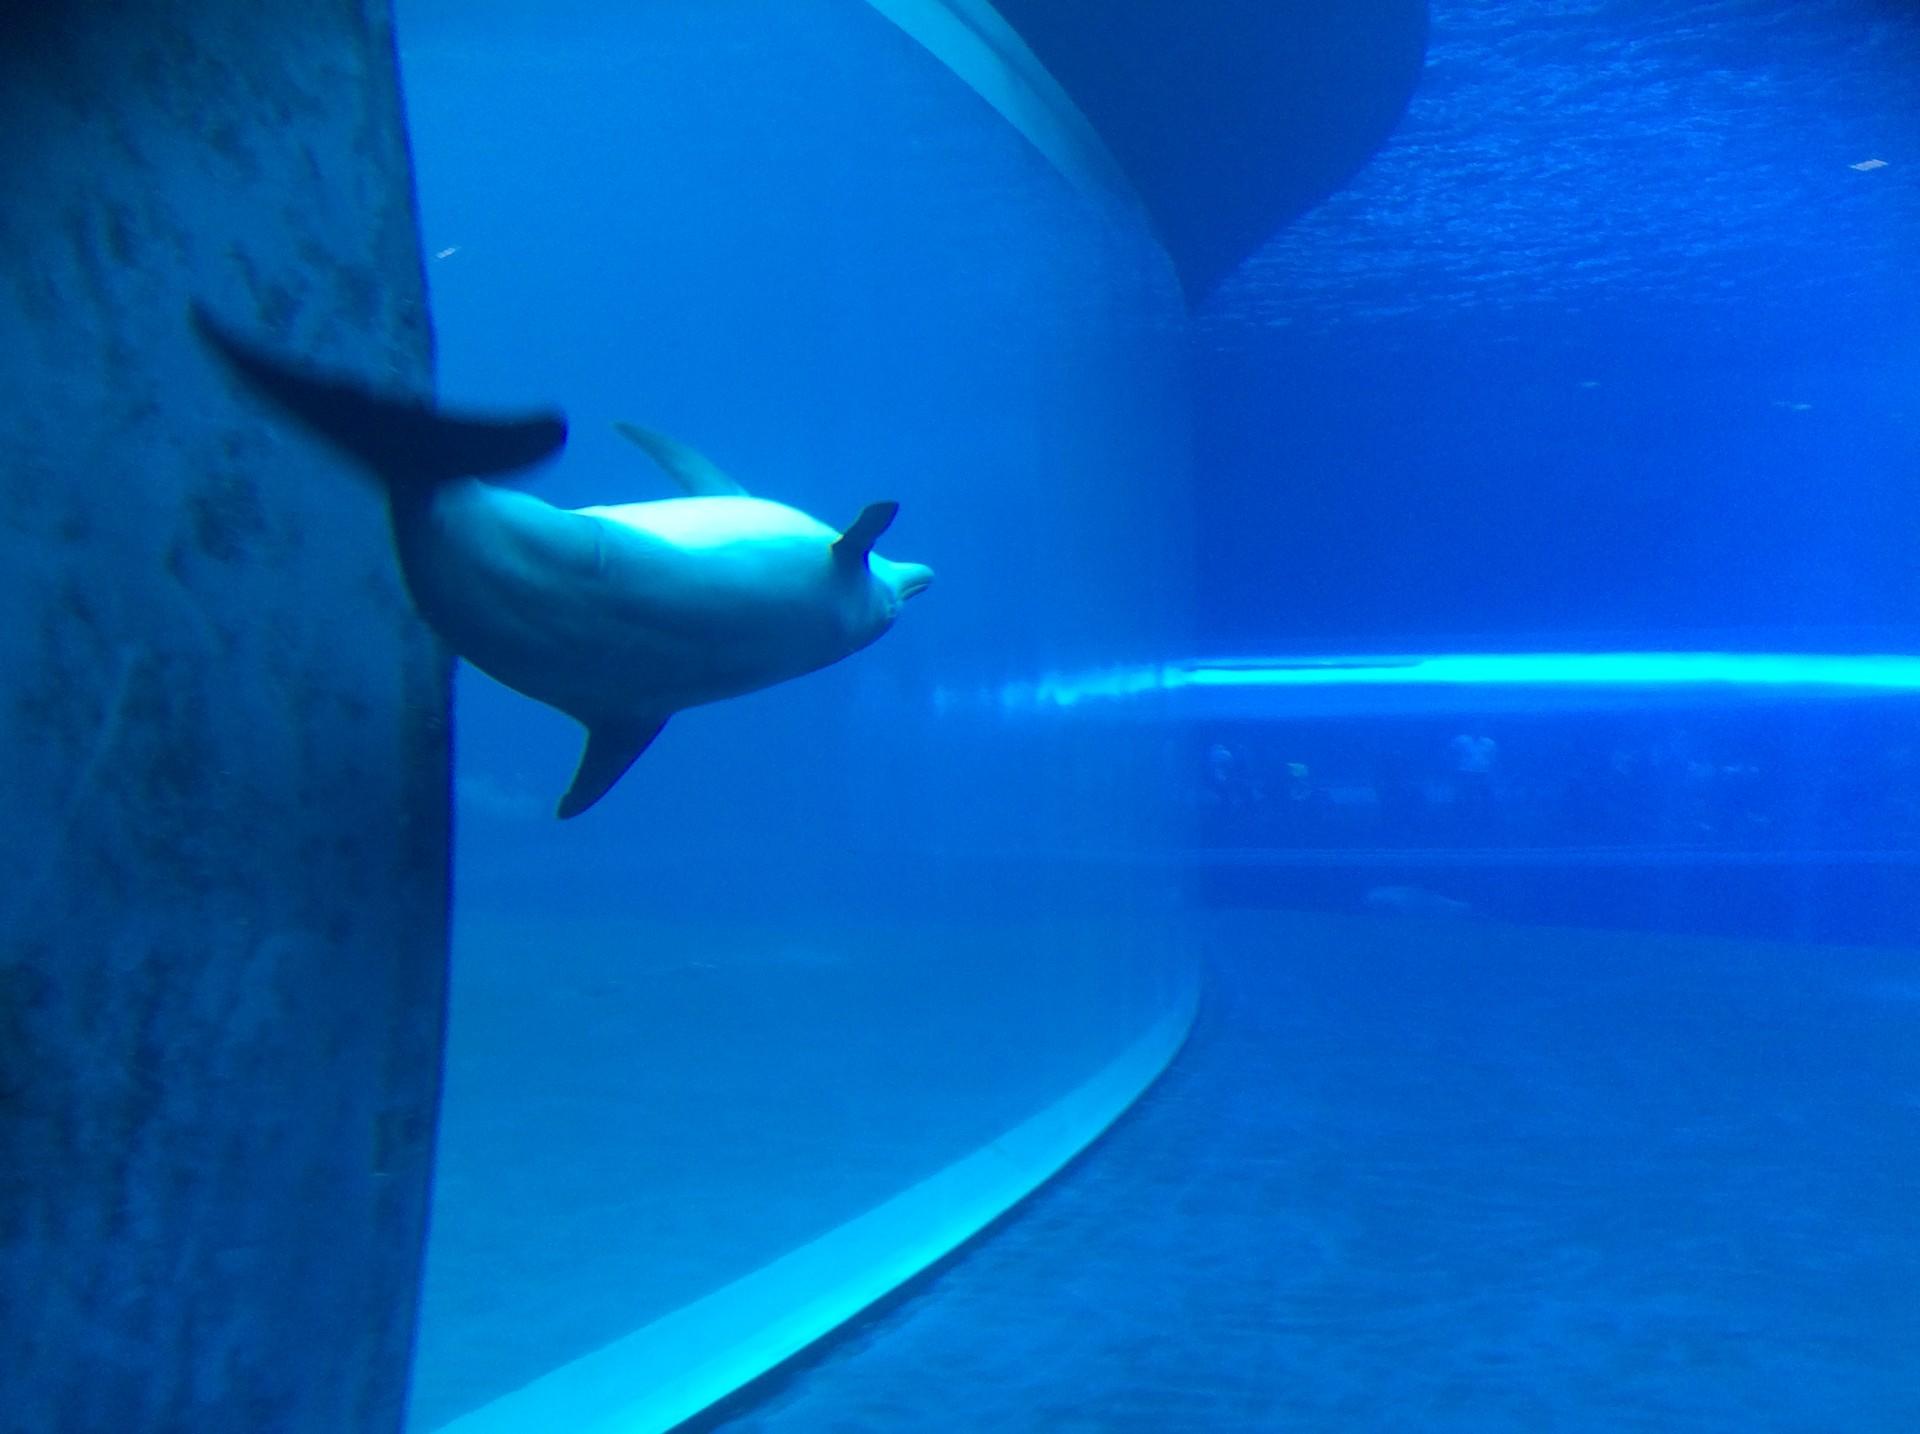 aquarium-genoa-italy-85deef8d2bd6256786d